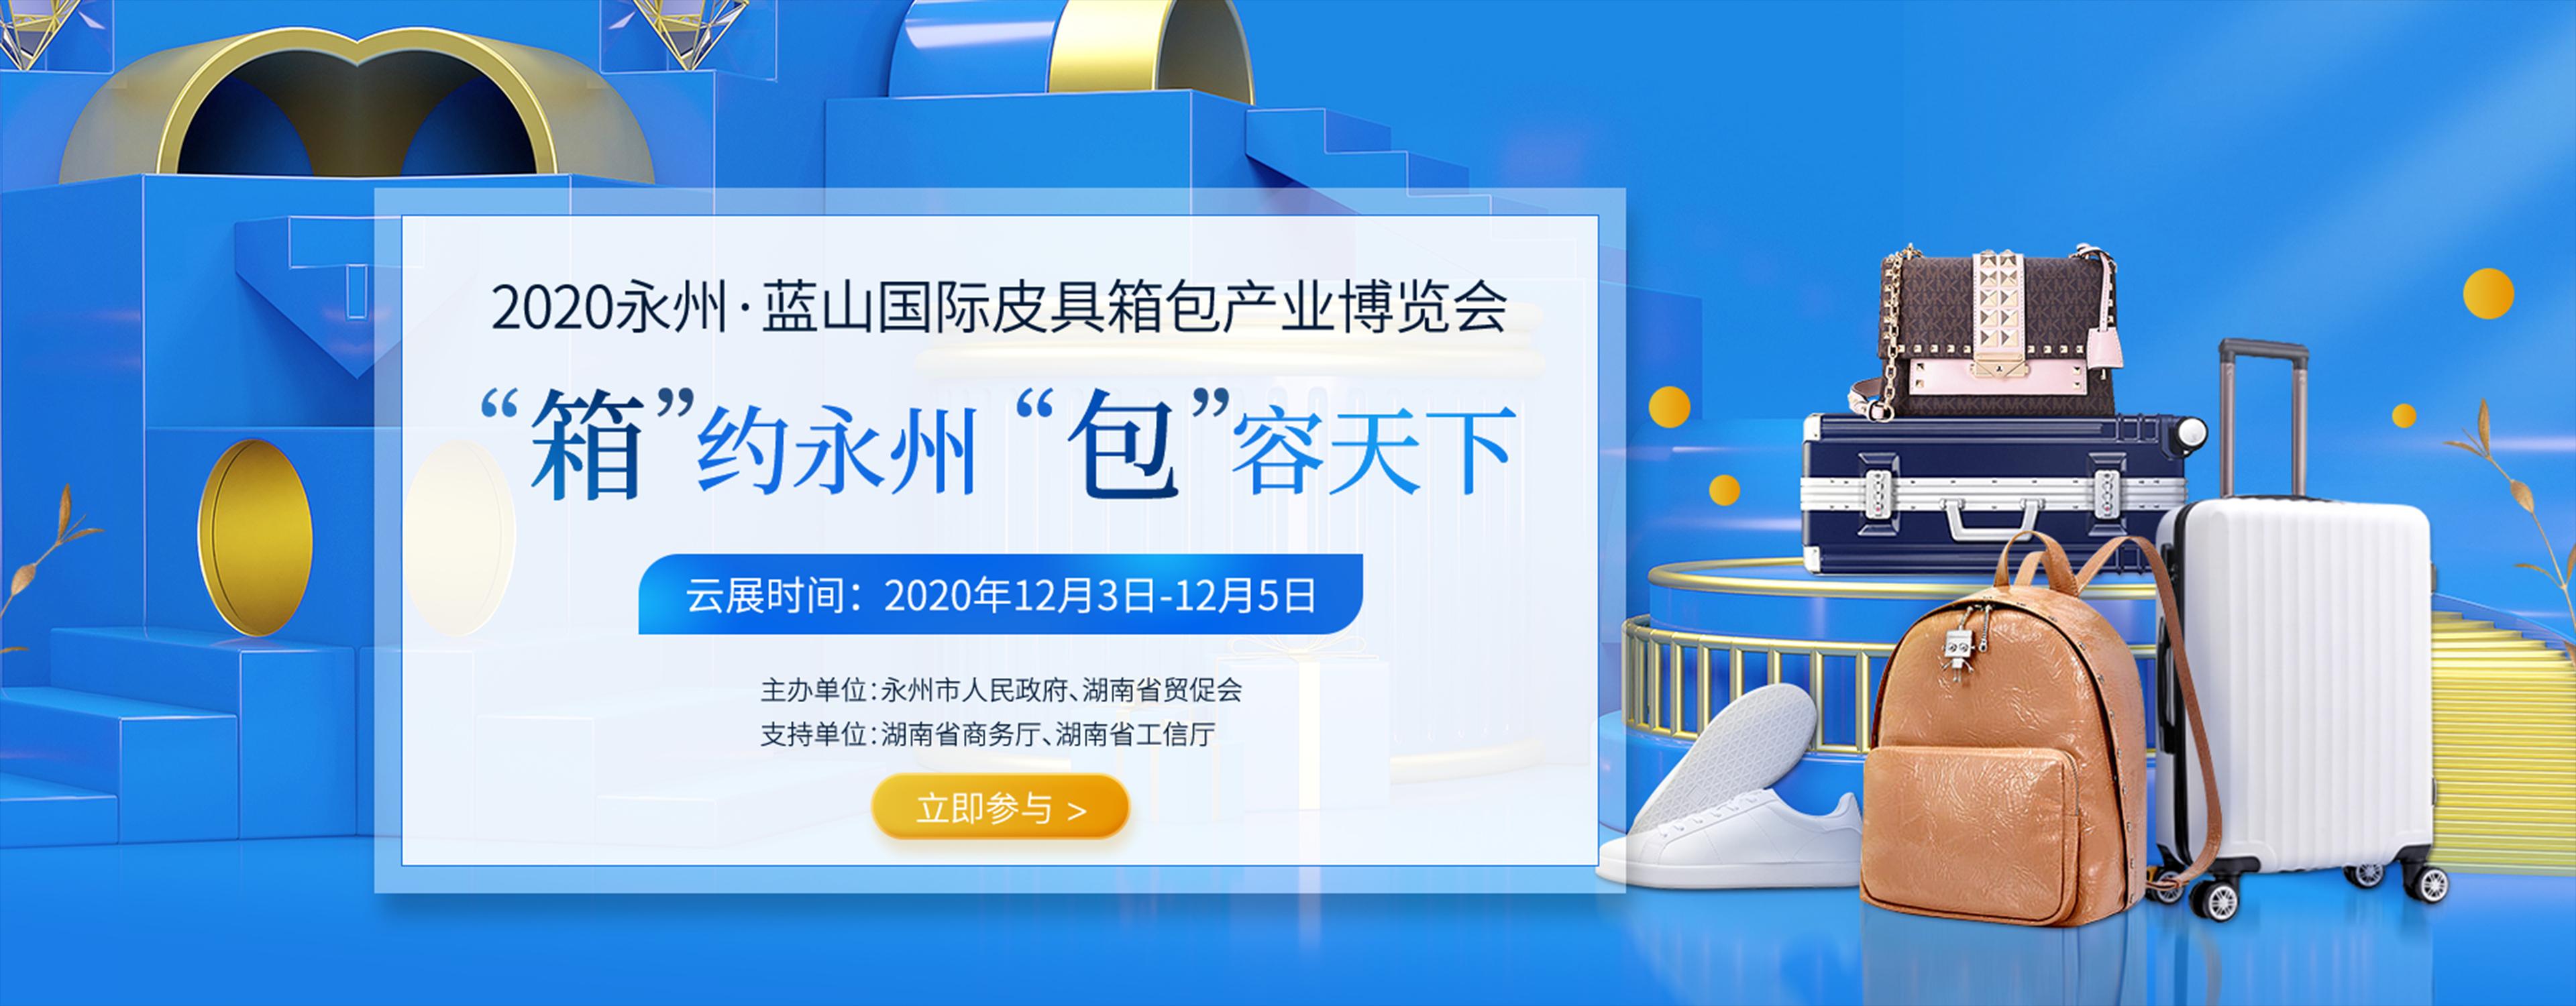 (云展)2020永州·蓝山国际皮具箱包产业博览会